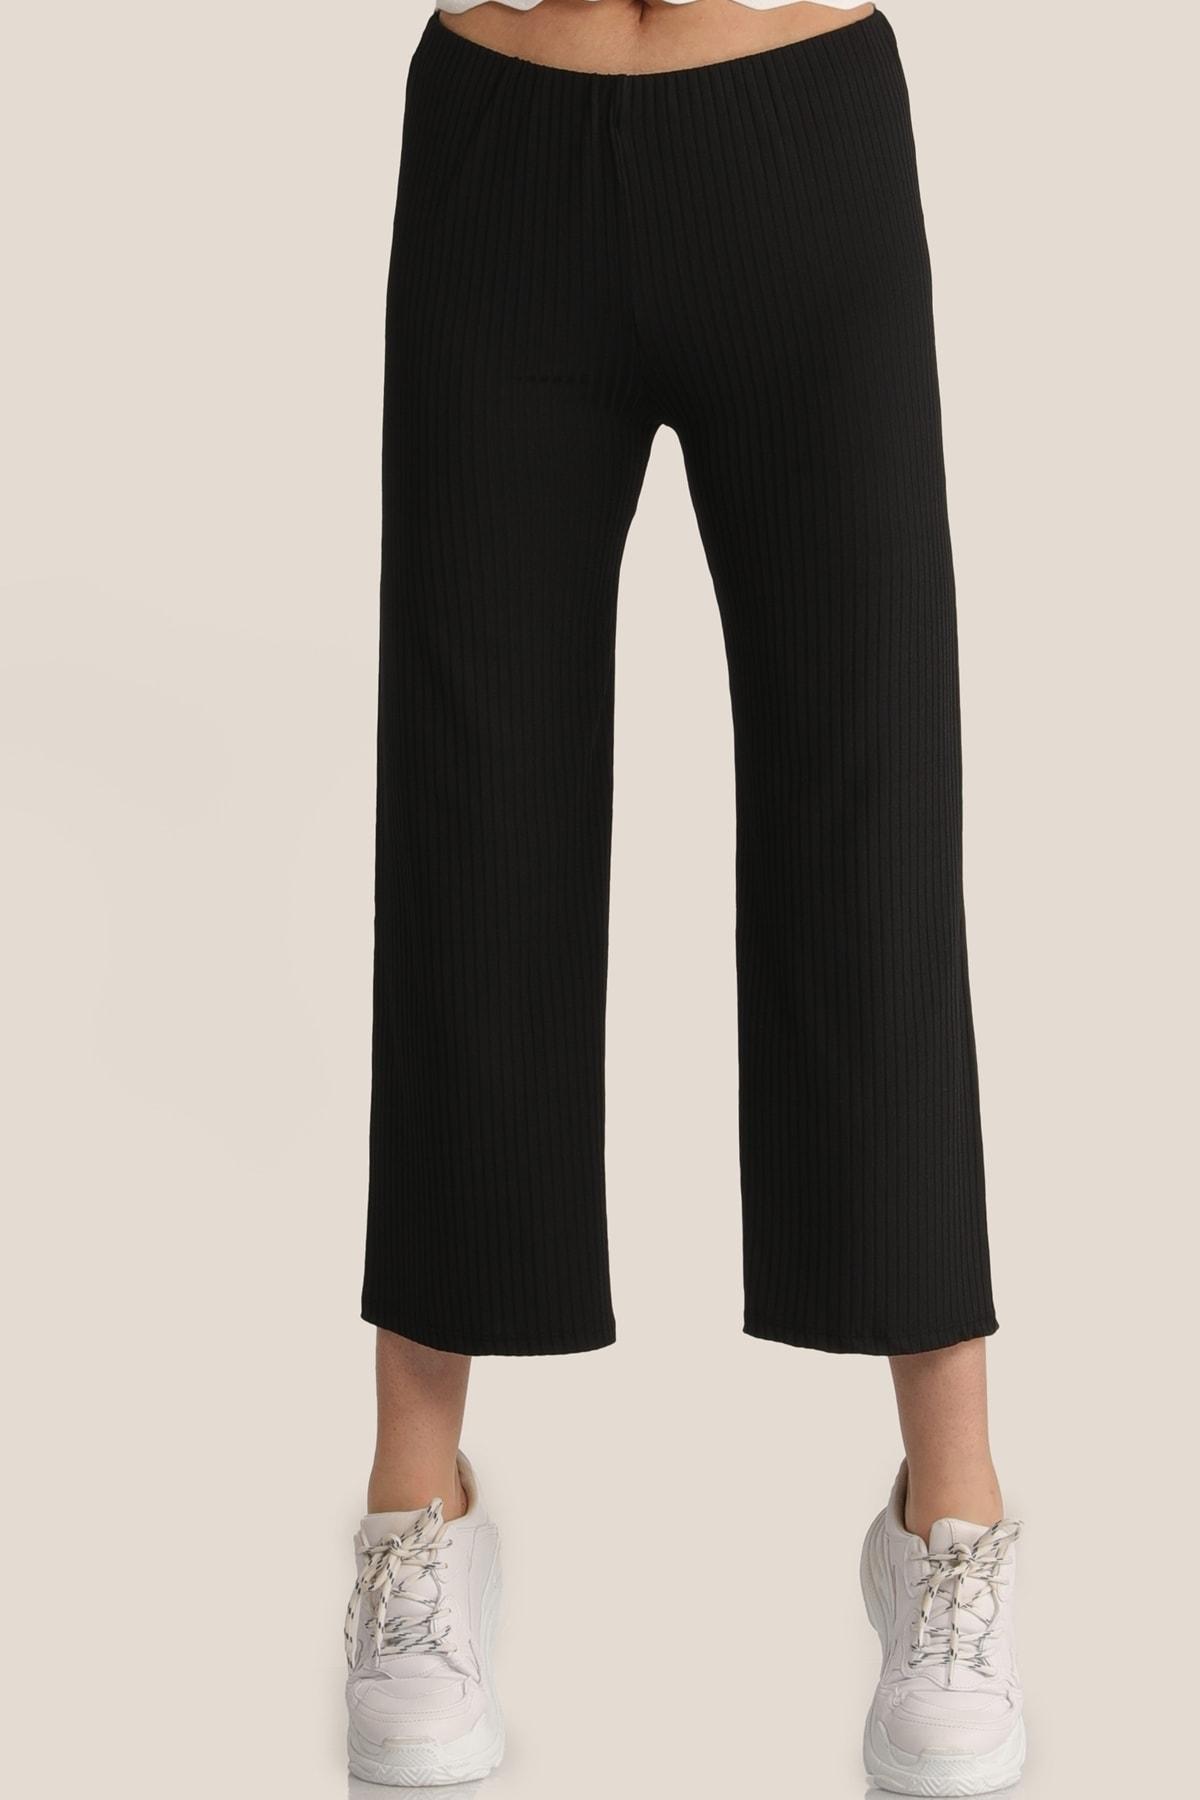 MD trend Kadın Siyah Salaş Bol Pantolon Mdt4885 1